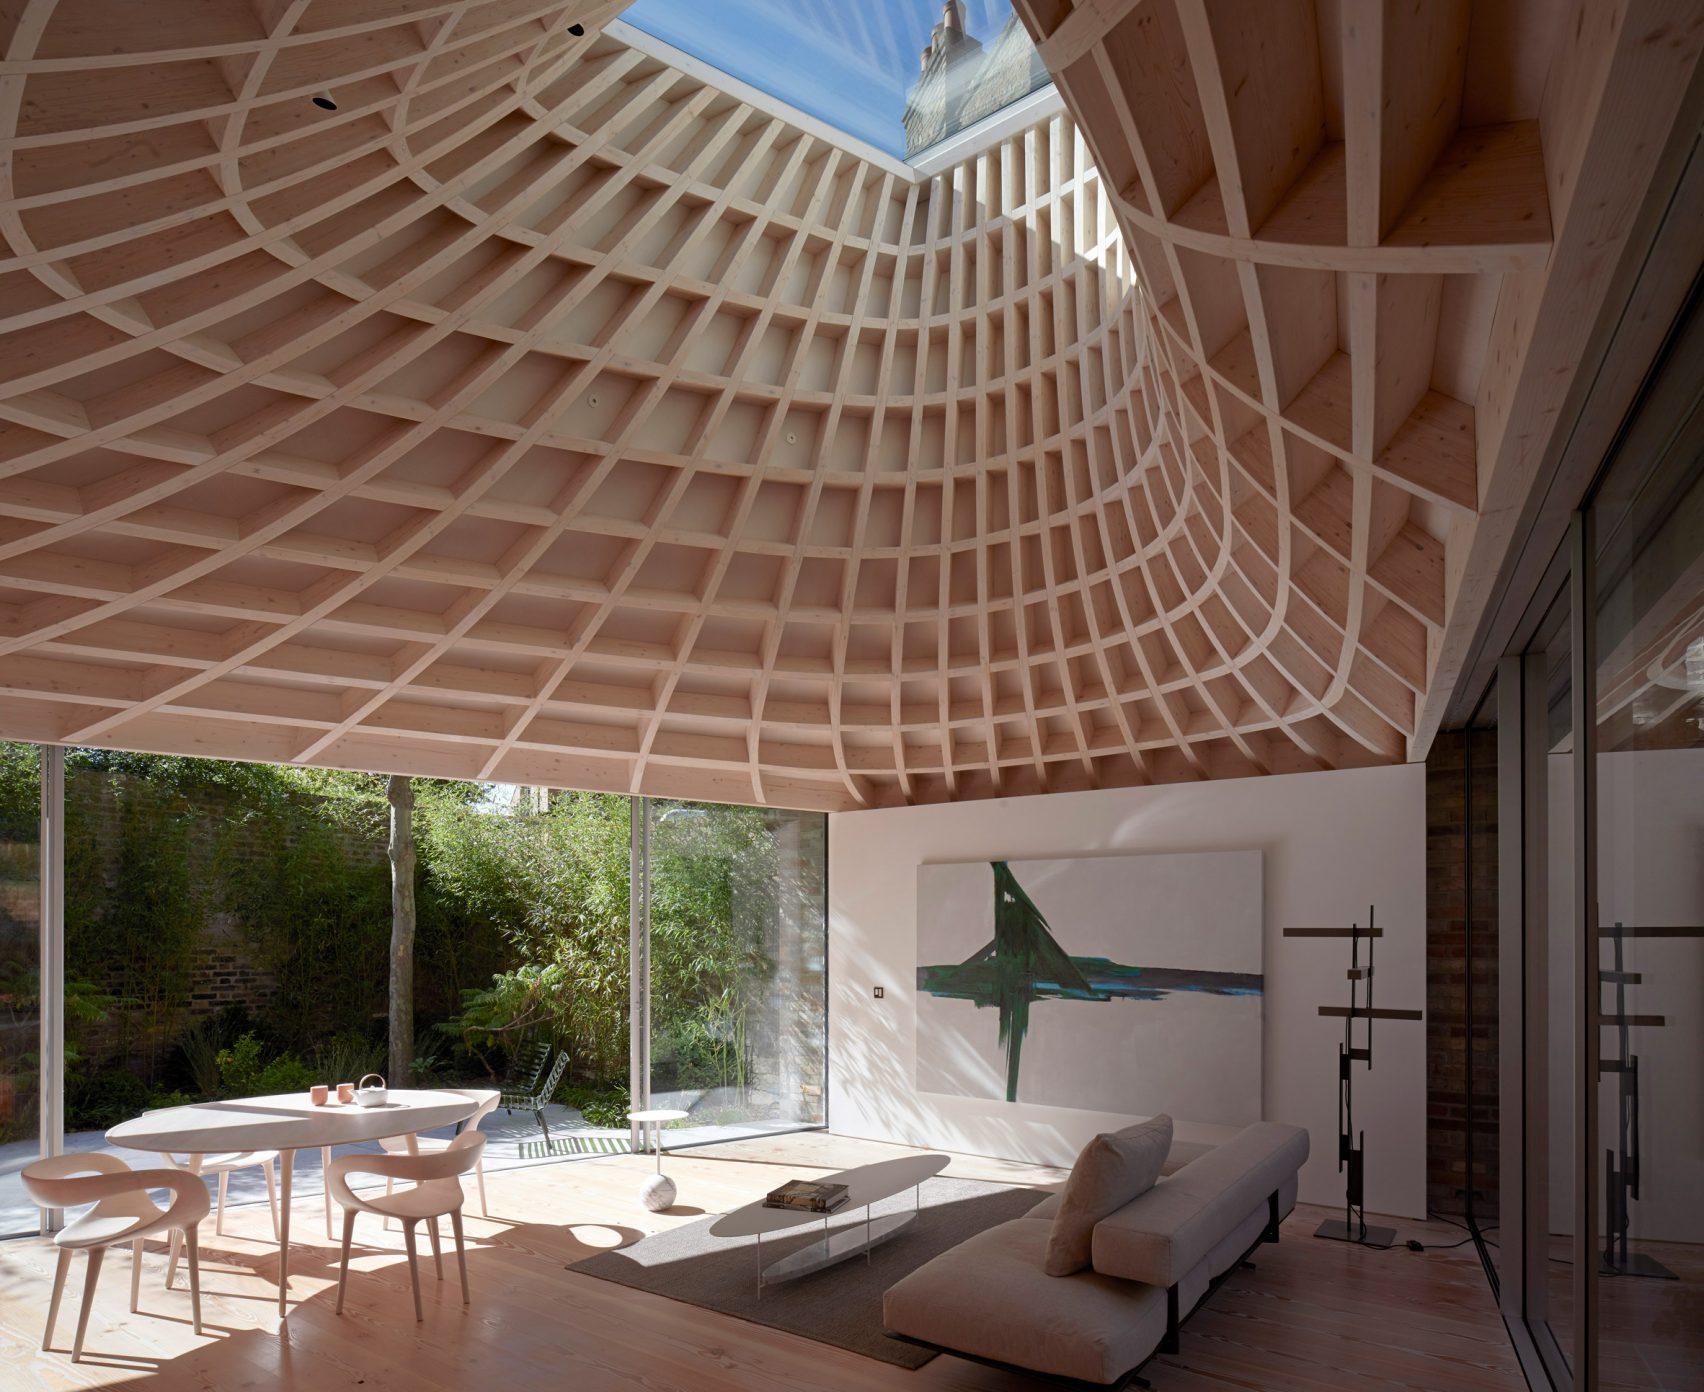 Gianni Botsford Architecture